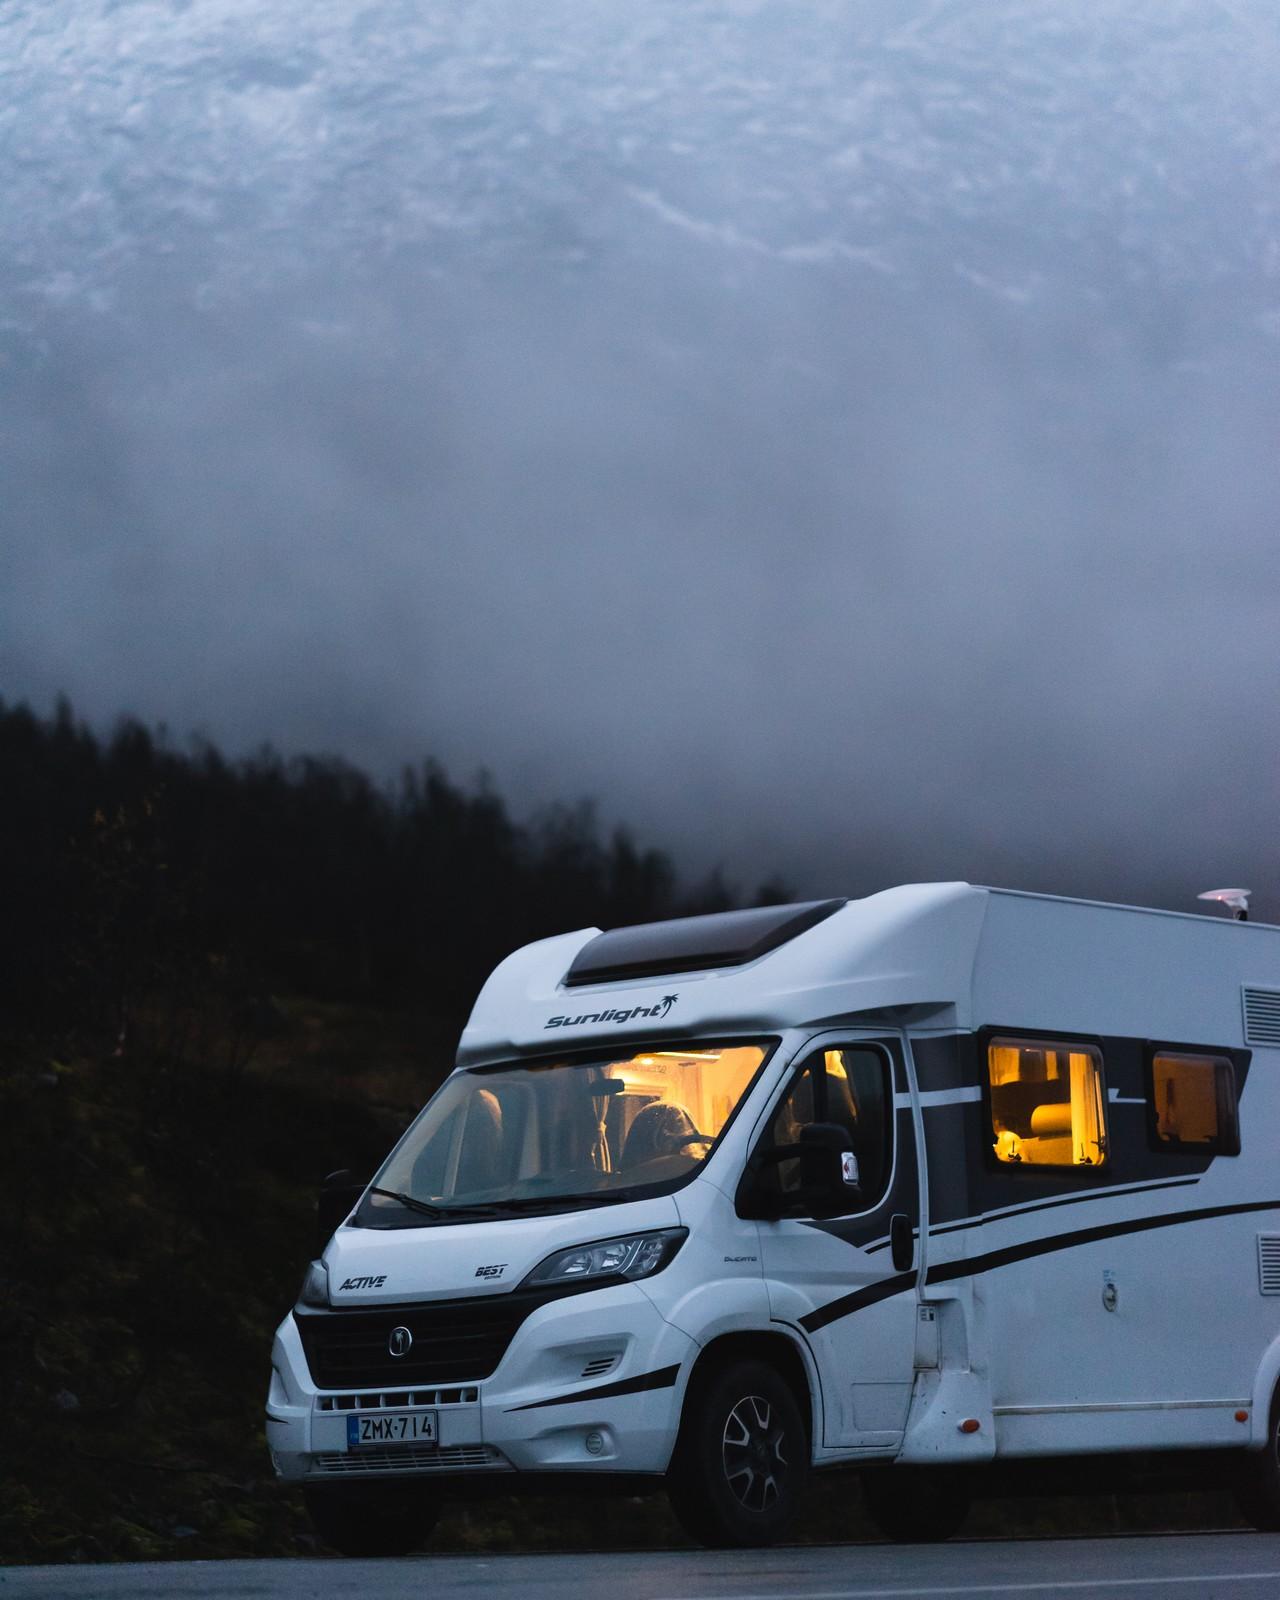 Tällaisella vuokratulla matkailuautolla Länsi-Norjaan lähdettiin.